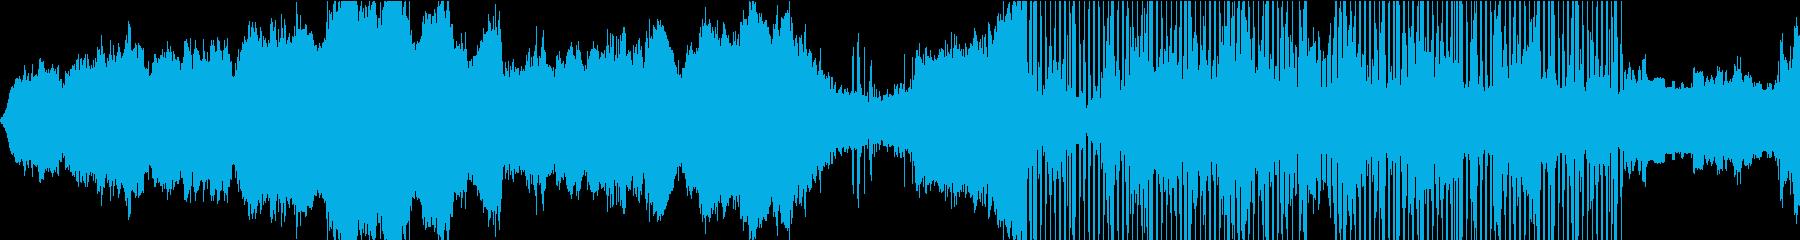 モダン 実験的 バトル 焦り ファ...の再生済みの波形